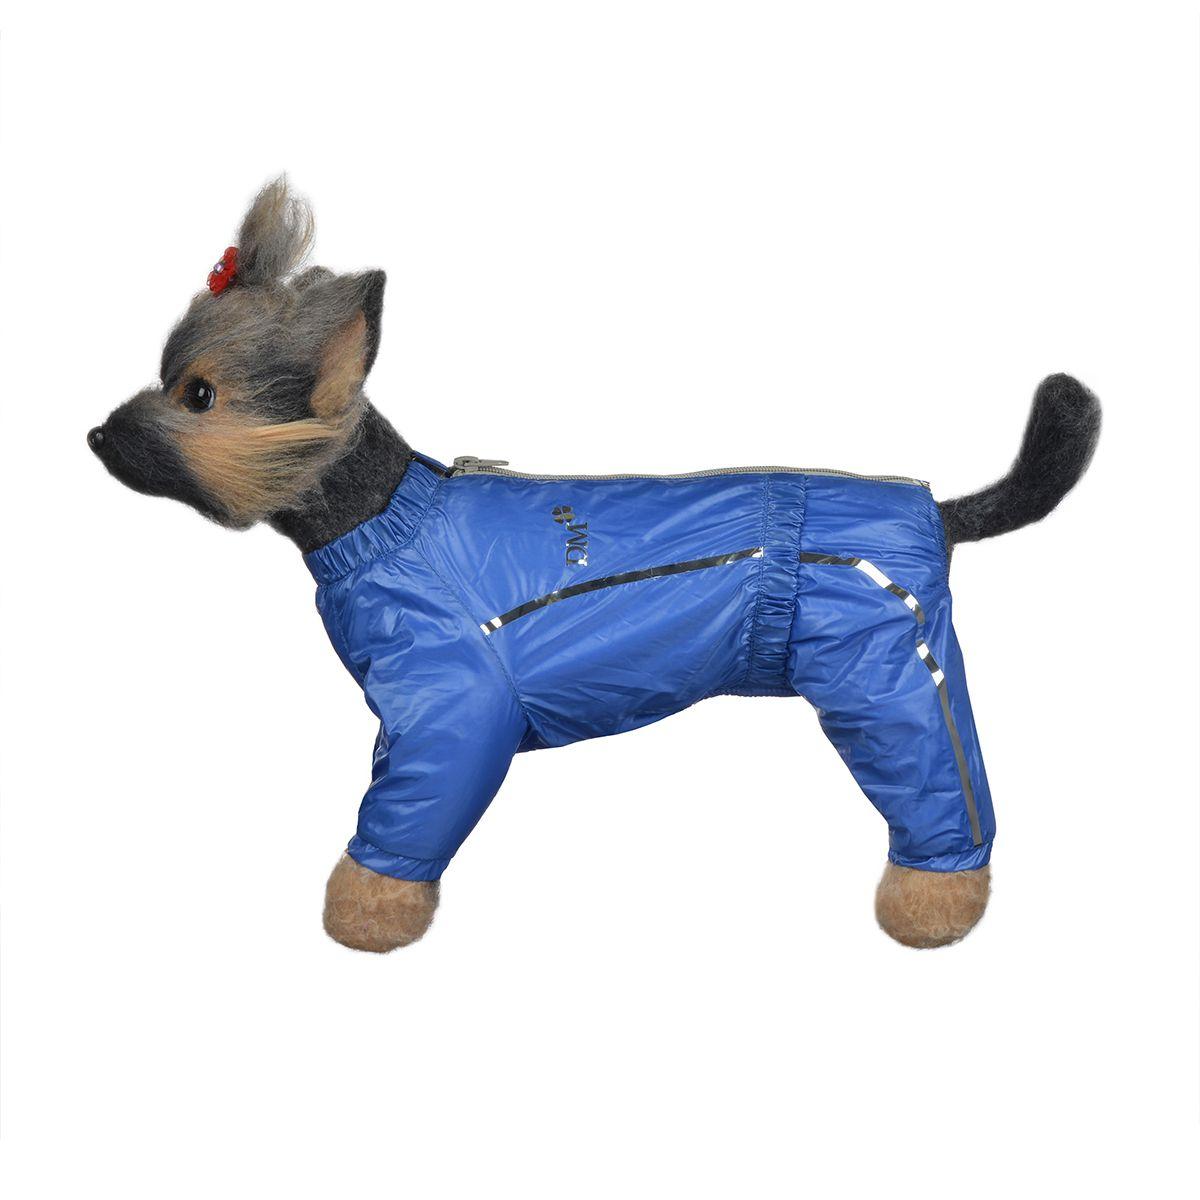 Комбинезон для собак Dogmoda Альпы, для мальчика, цвет: синий. Размер 4 (XL)DM-150329-4Комбинезон для собак Dogmoda Альпы отлично подойдет для прогулок поздней осенью или ранней весной. Комбинезон изготовлен из полиэстера, защищающего от ветра и осадков, с подкладкой из флиса, которая сохранит тепло и обеспечит отличный воздухообмен. Комбинезон застегивается на молнию и липучку, благодаря чему его легко надевать и снимать. Ворот, низ рукавов и брючин оснащены внутренними резинками, которые мягко обхватывают шею и лапки, не позволяя просачиваться холодному воздуху. На пояснице имеется внутренняя резинка. Изделие декорировано серебристыми полосками и надписью DM. Благодаря такому комбинезону простуда не грозит вашему питомцу и он не даст любимцу продрогнуть на прогулке.